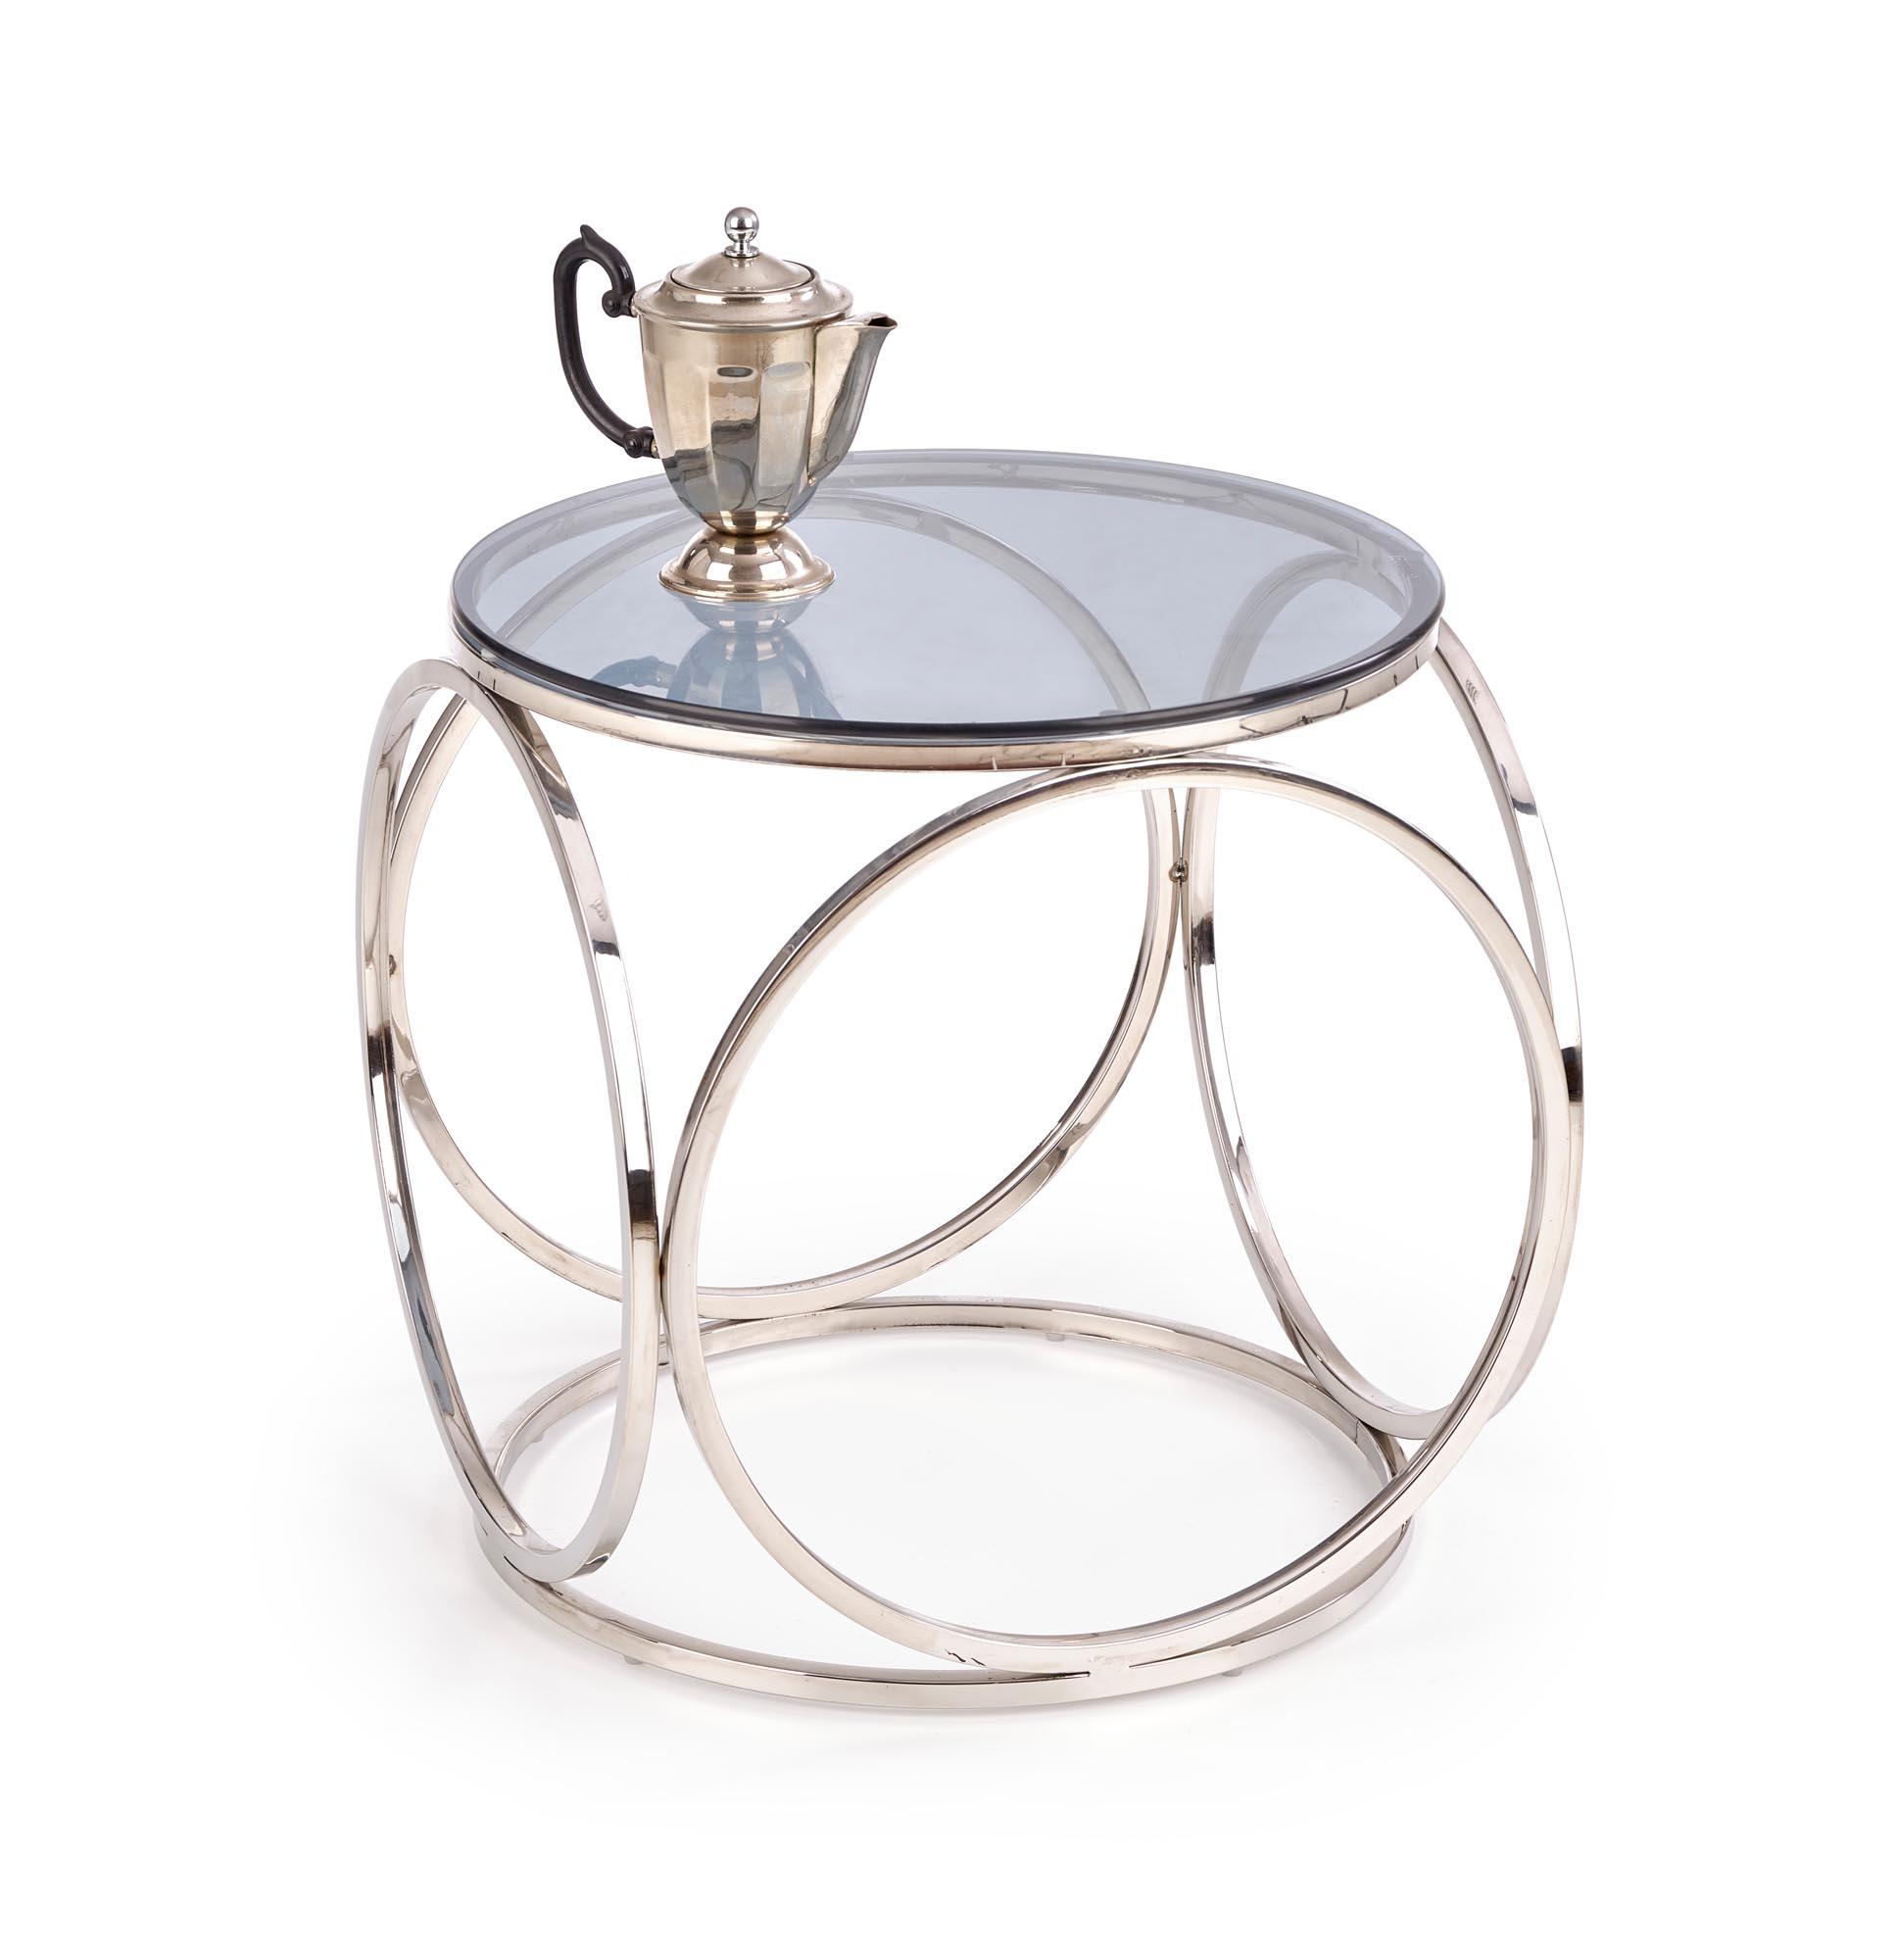 Masa de cafea din sticla si metal Venus S Crom, Ø50xH55 cm